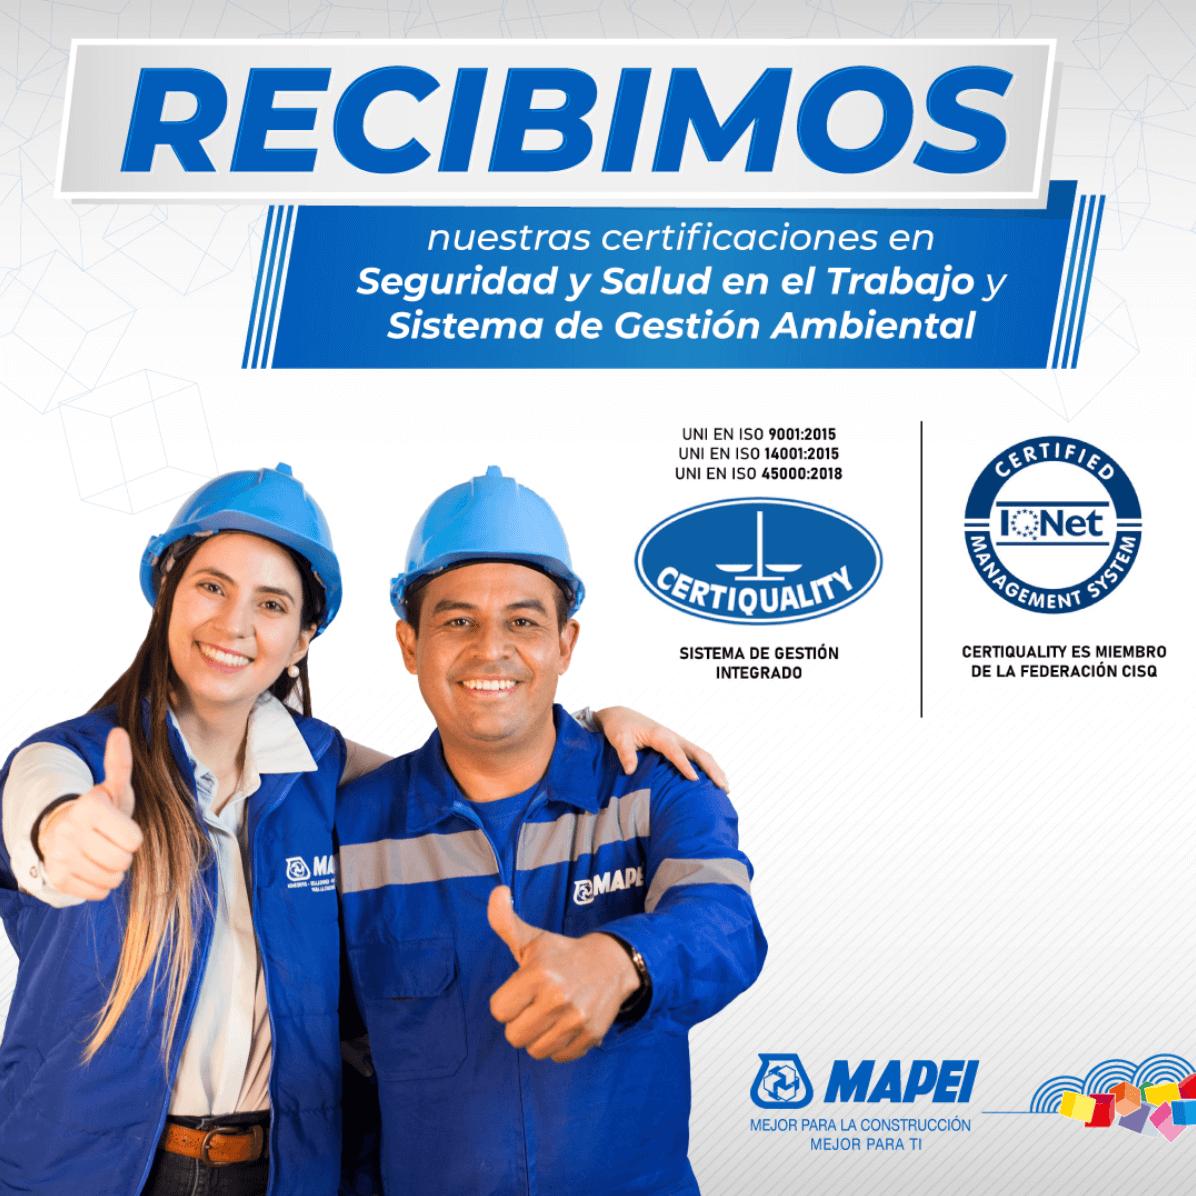 Mapei Colombia recibe las Certificaciones en Seguridad y Salud en el trabajo y en el Sistema de Gestión Ambiental